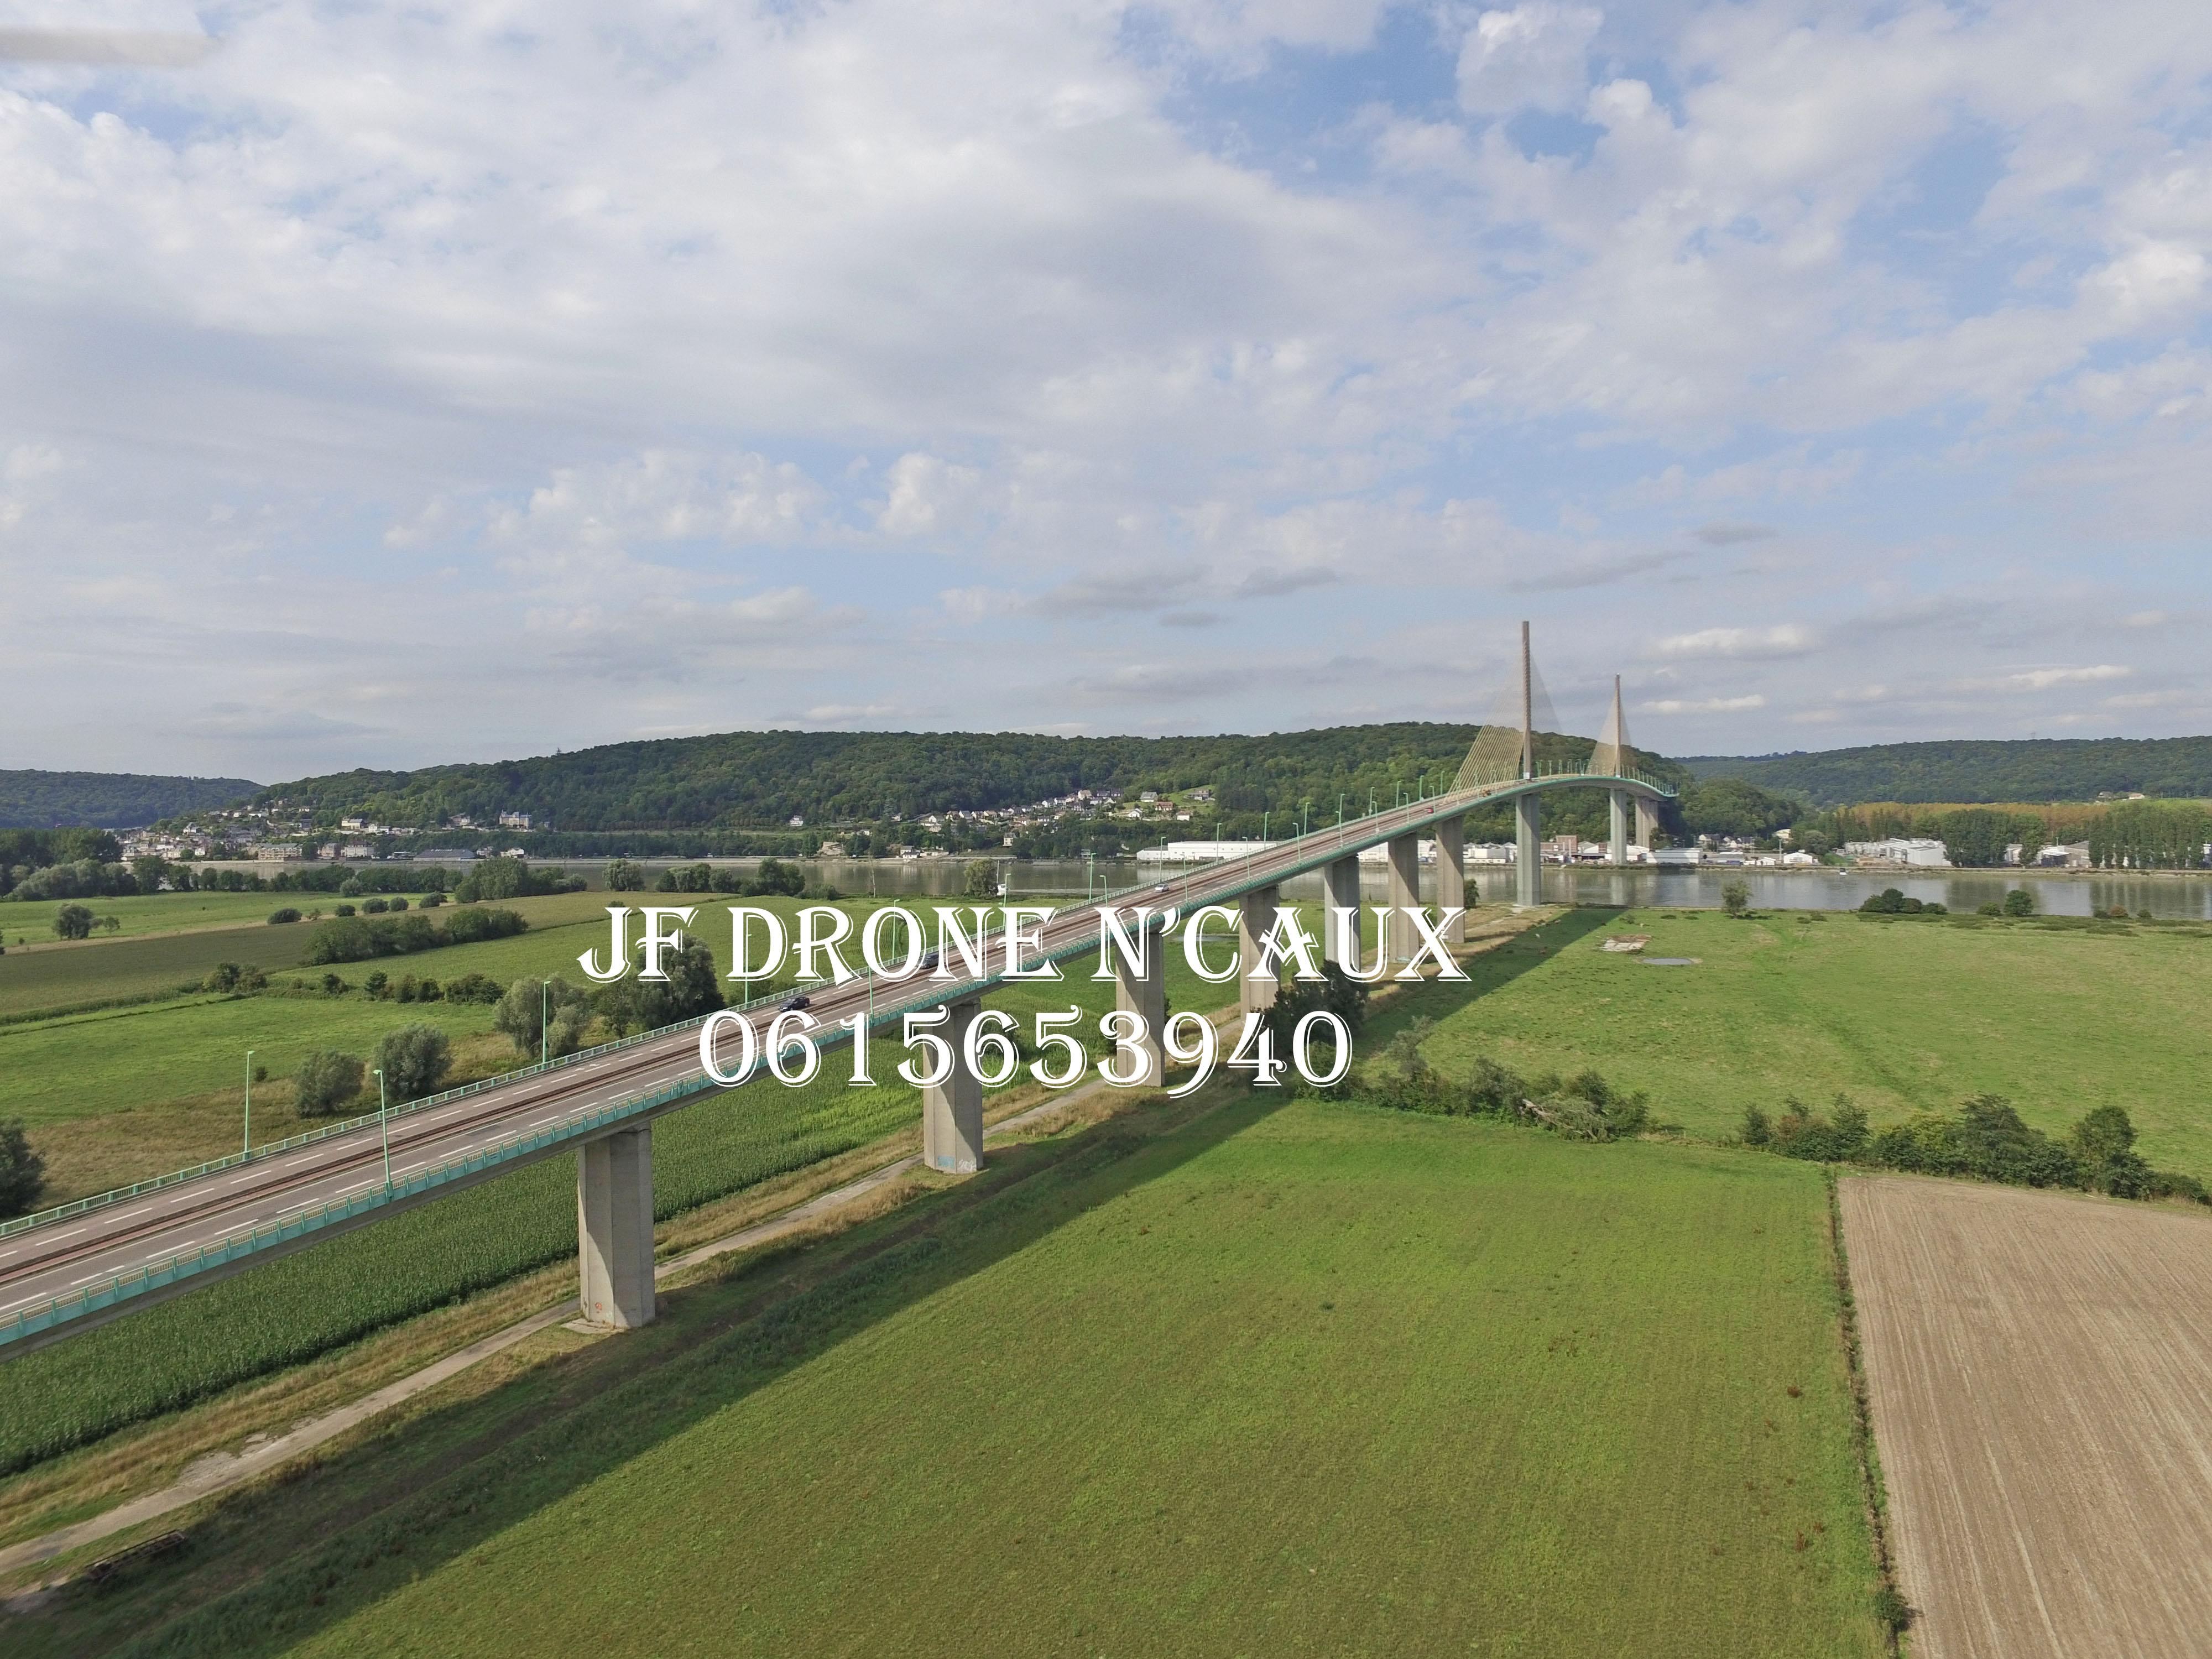 Pont de Brotonne JF DRONE N'CAUX